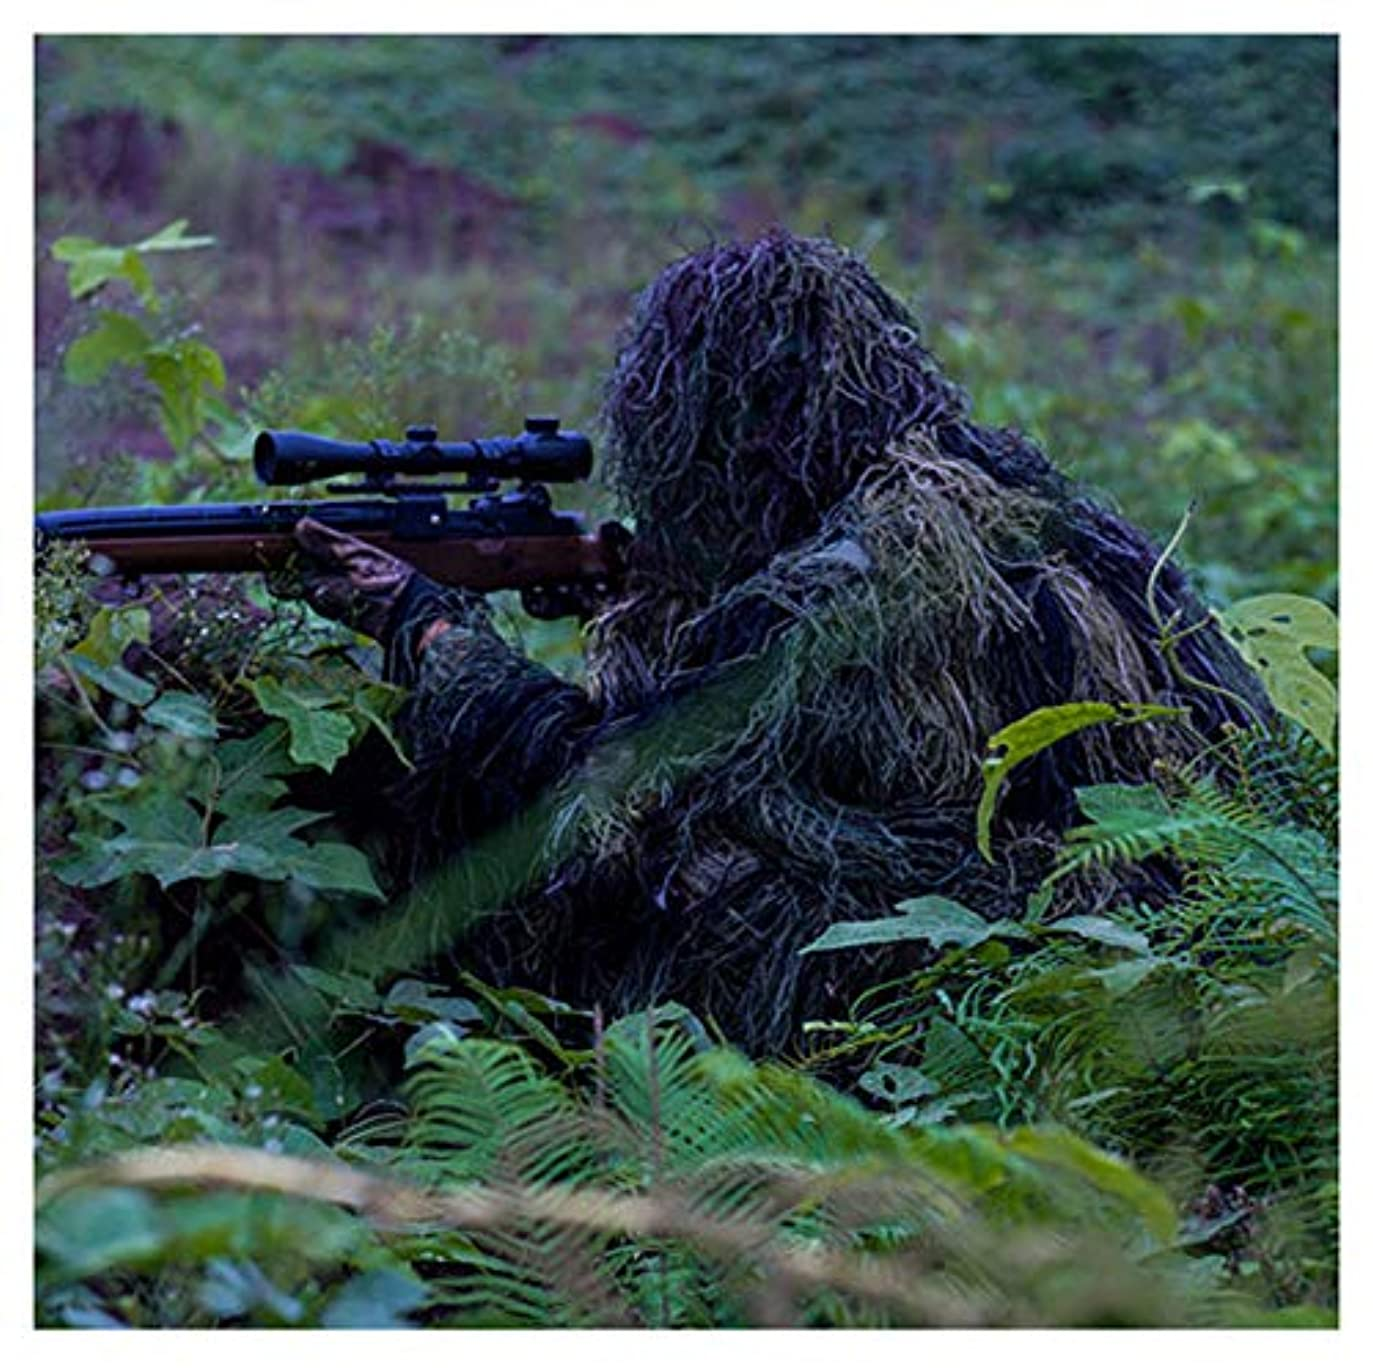 官僚幼児分析的カモフラージュカモ岬、3Dスーツ、狙撃兵士に適して軍事軍事撮影ハンティングエアガン写真、ジャングルカラー